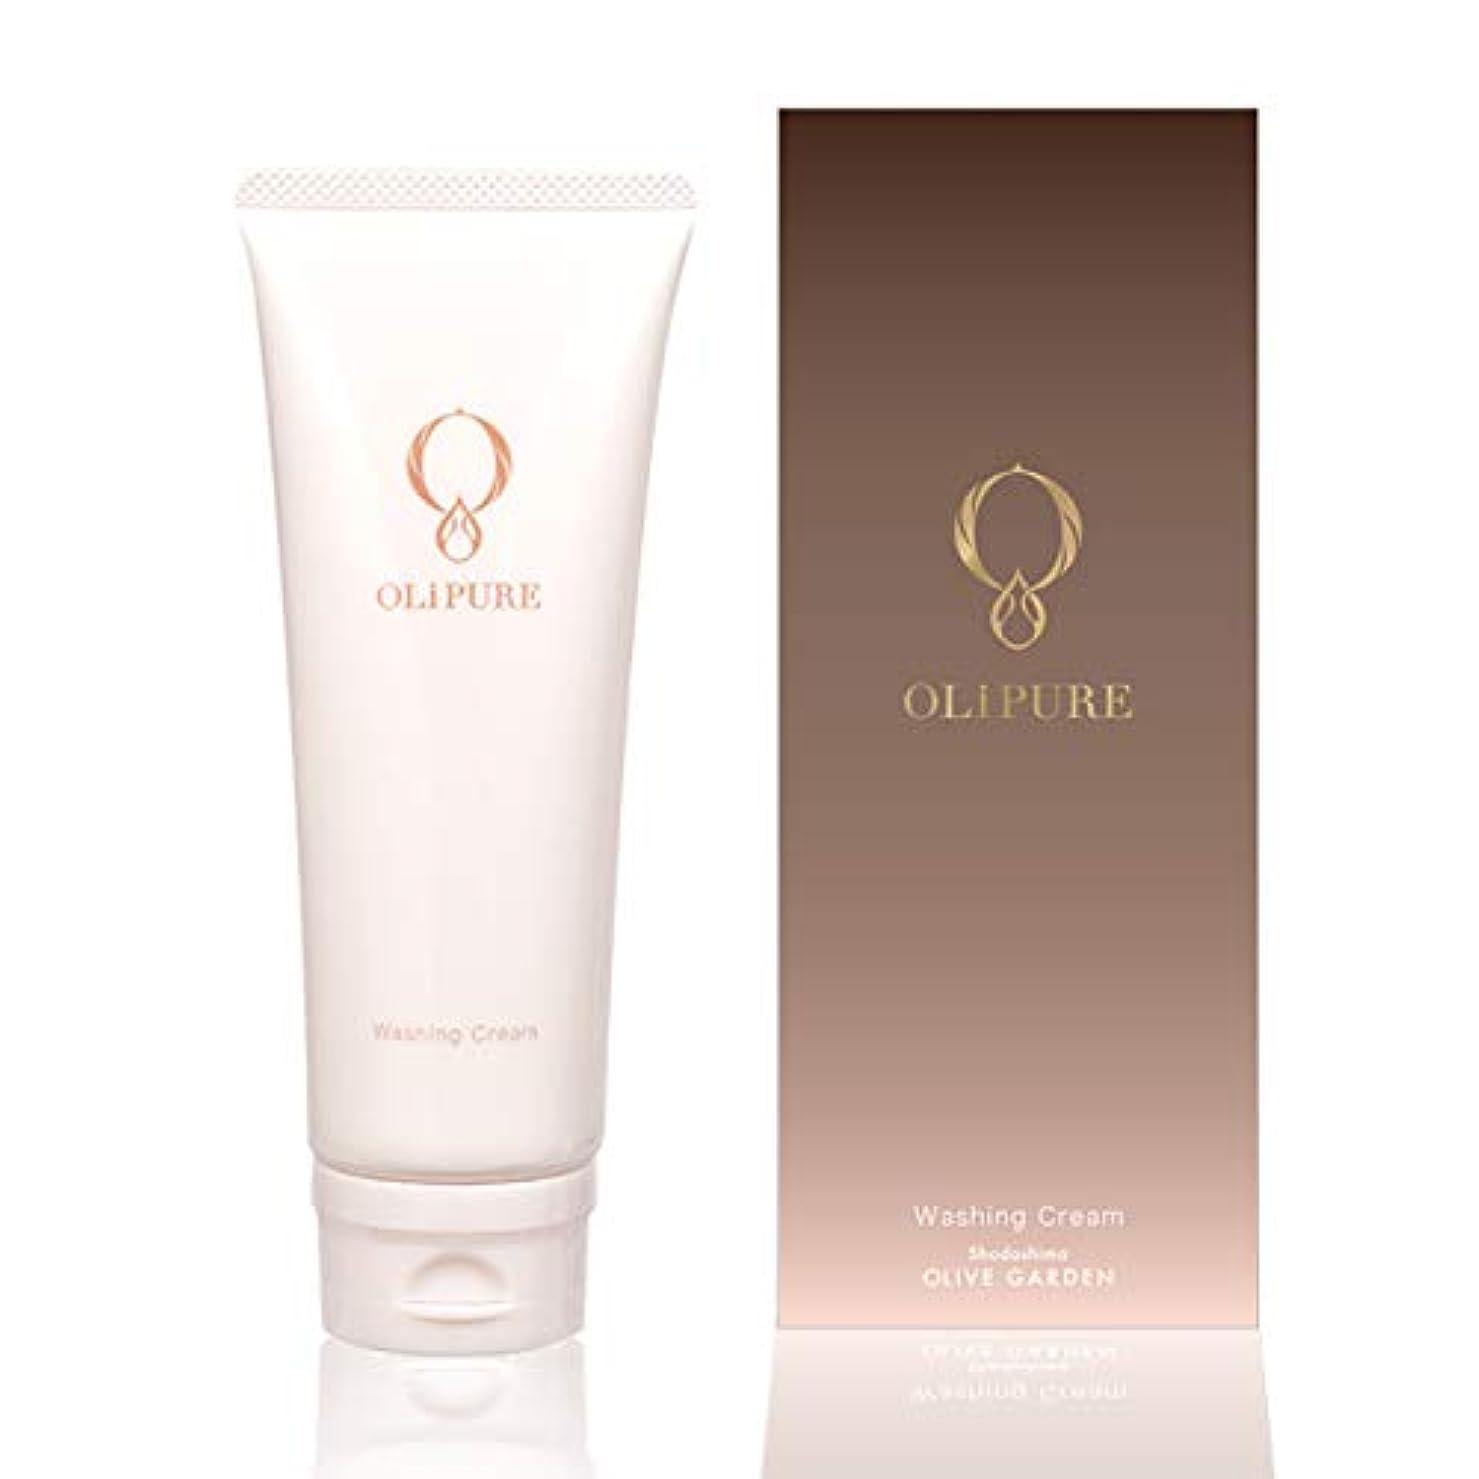 下位香港ラケットオリピュア ウォッシングクリーム100g 洗顔 OLiPURE Washing Cream